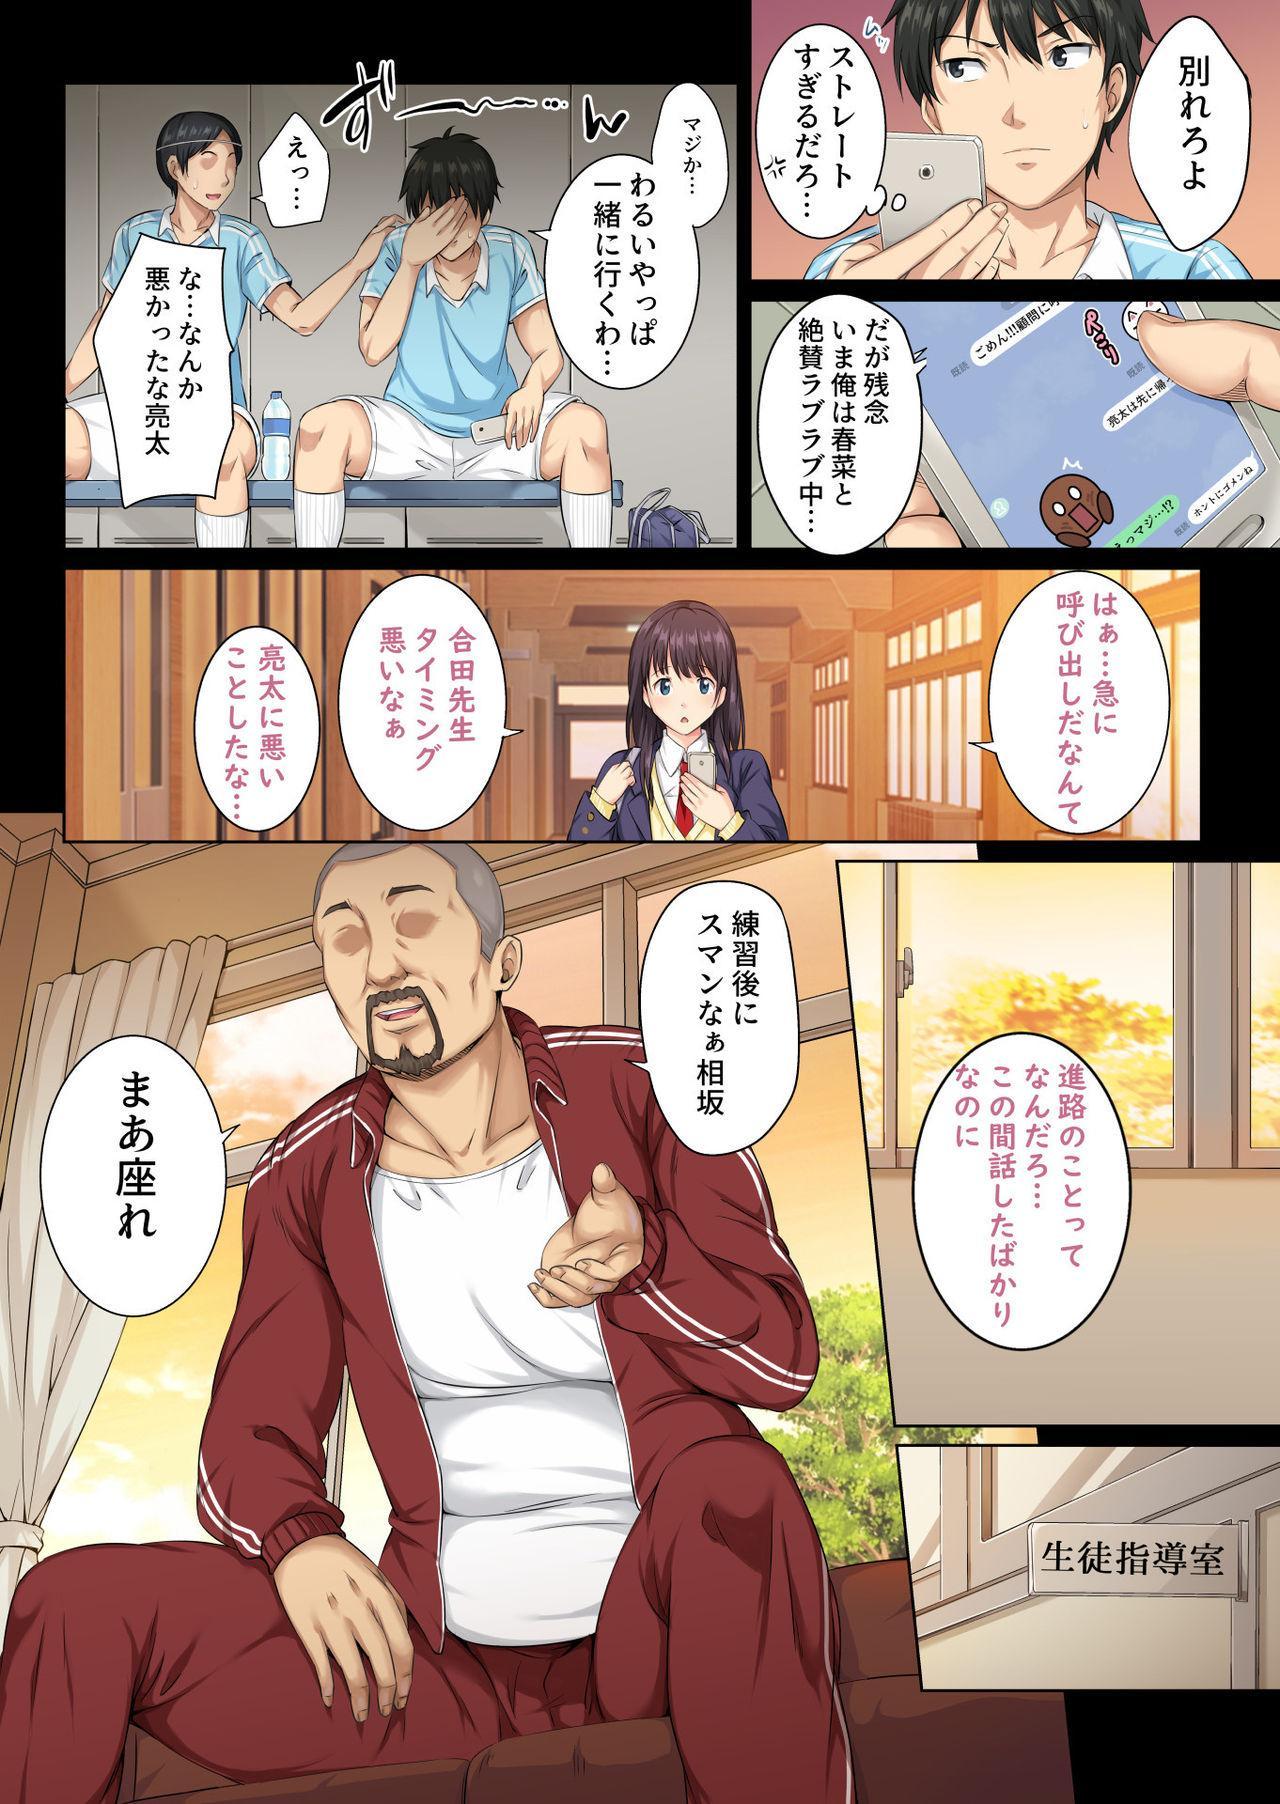 Soshite Watashi wa Kyou mo Ano Otoko ni Taberareru 6